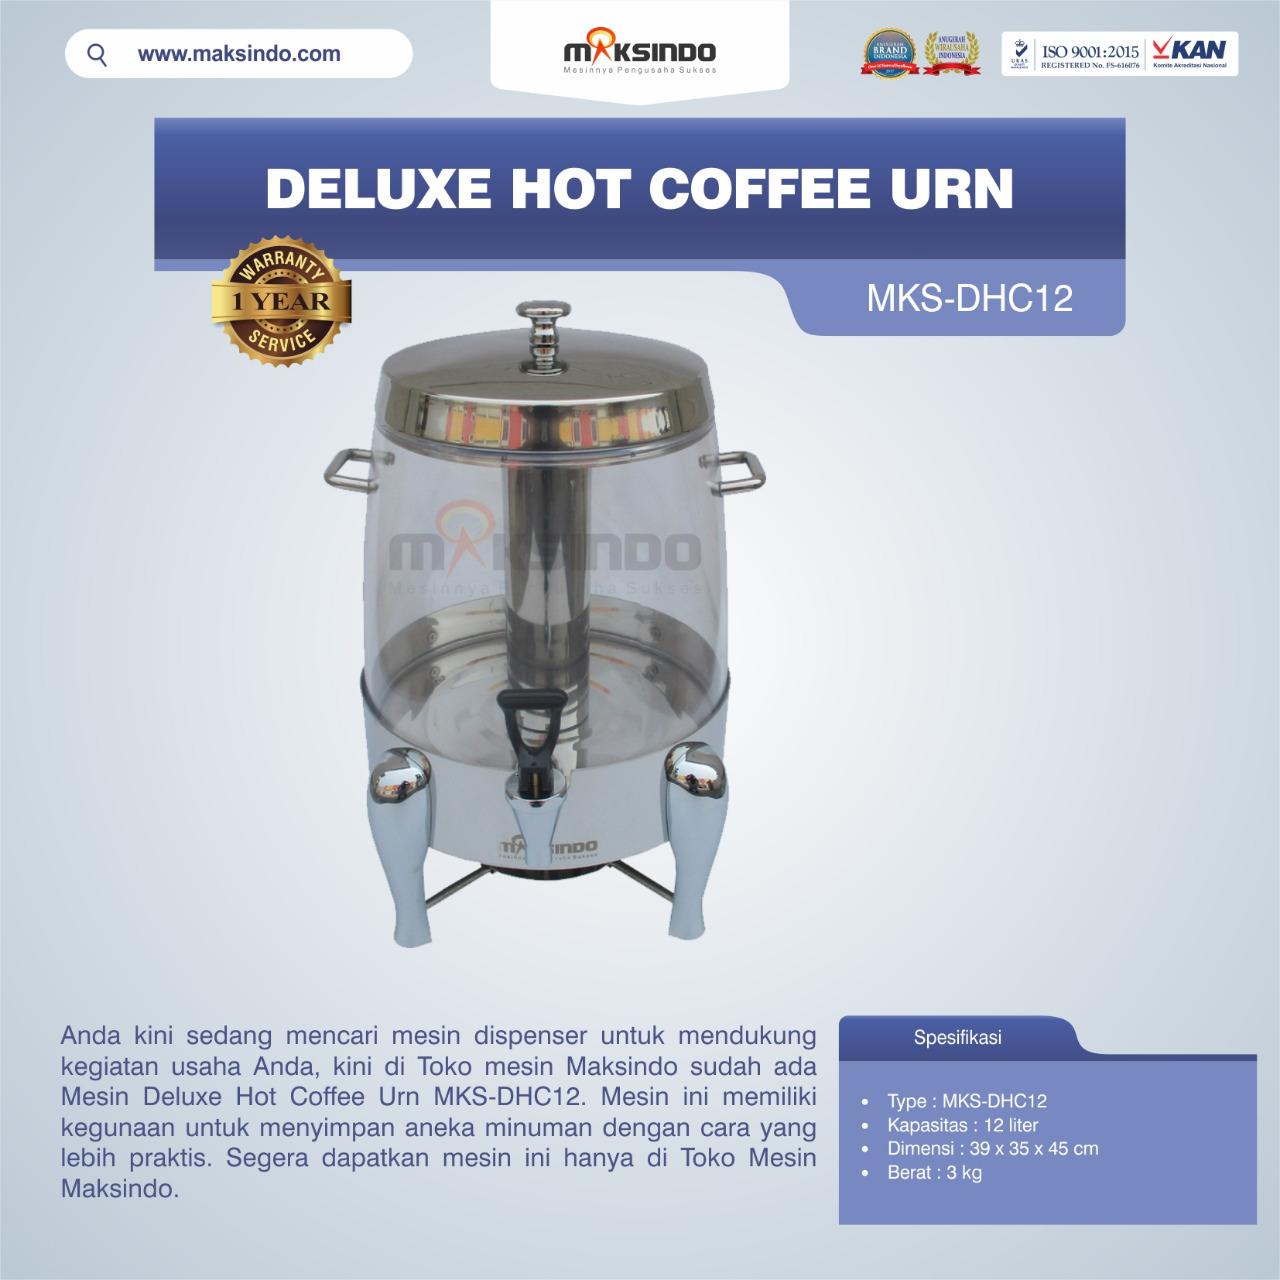 Jual Deluxe Hot Coffee Urn MKS-DHC12 di Medan